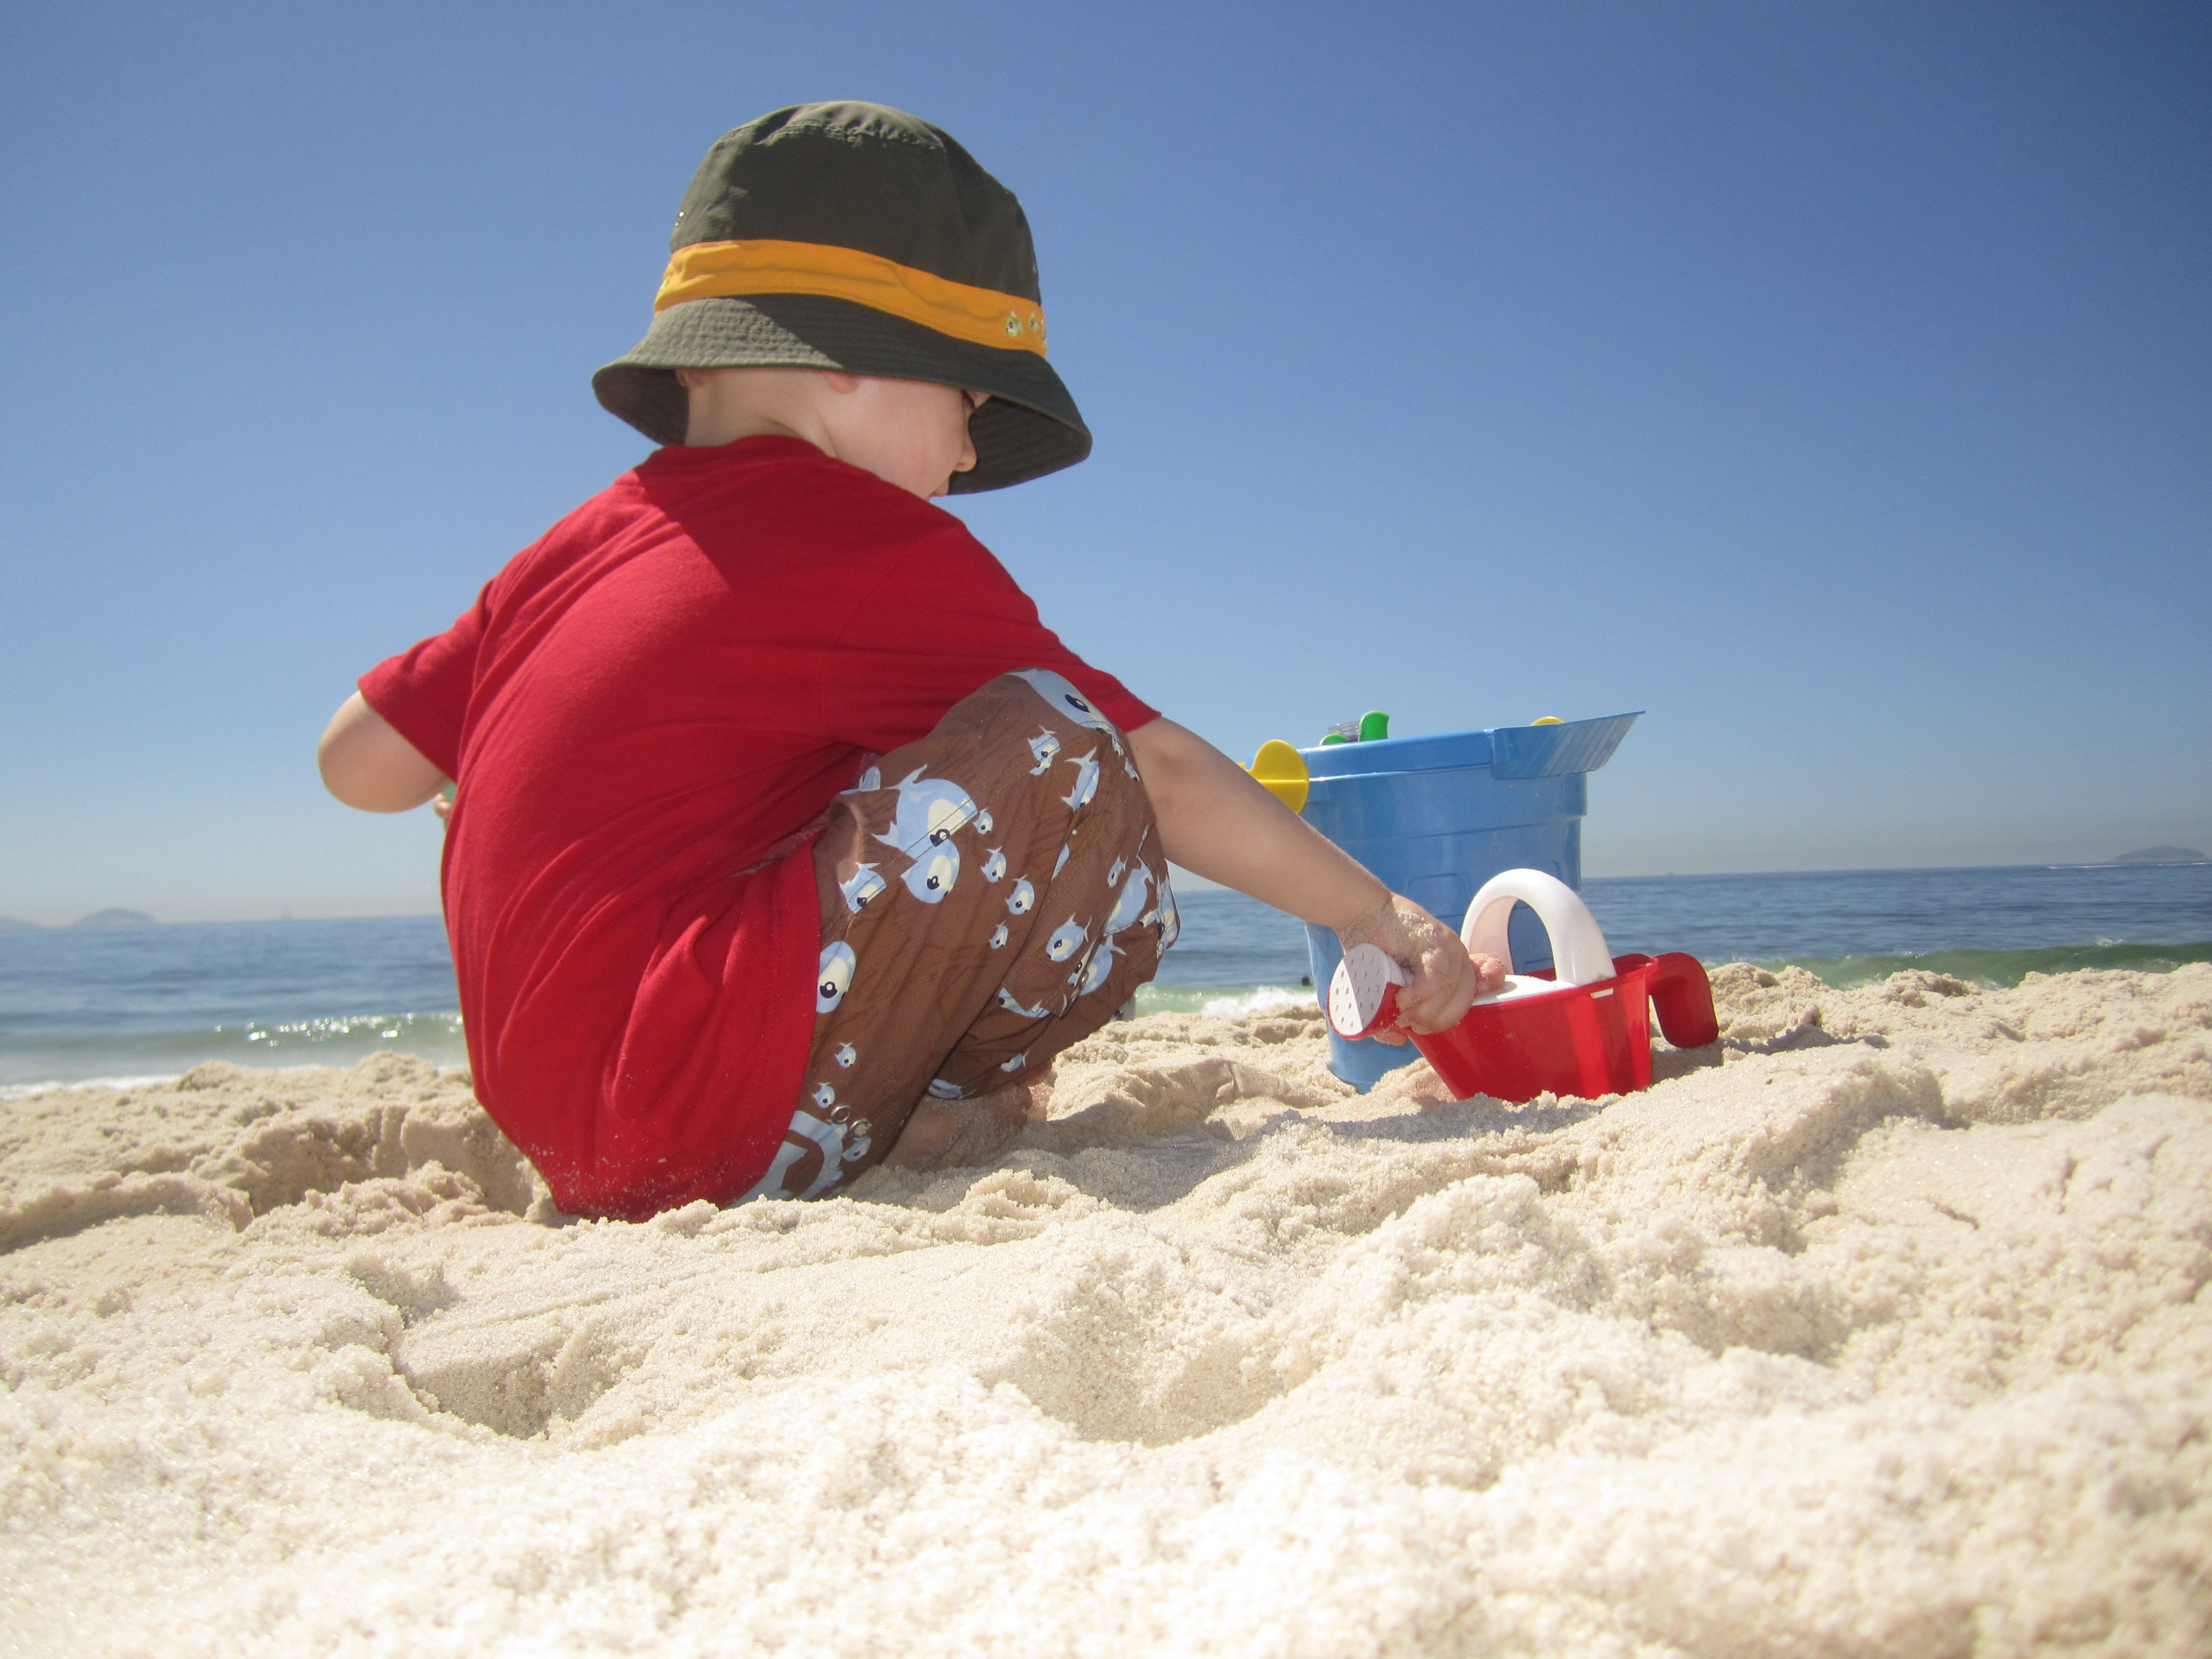 Reisetrend 2015: Familien wählen immer öfter auch exotische Reiseziele [Pressefoto - bitte kontaktieren Sie uns] © KidsAway.de